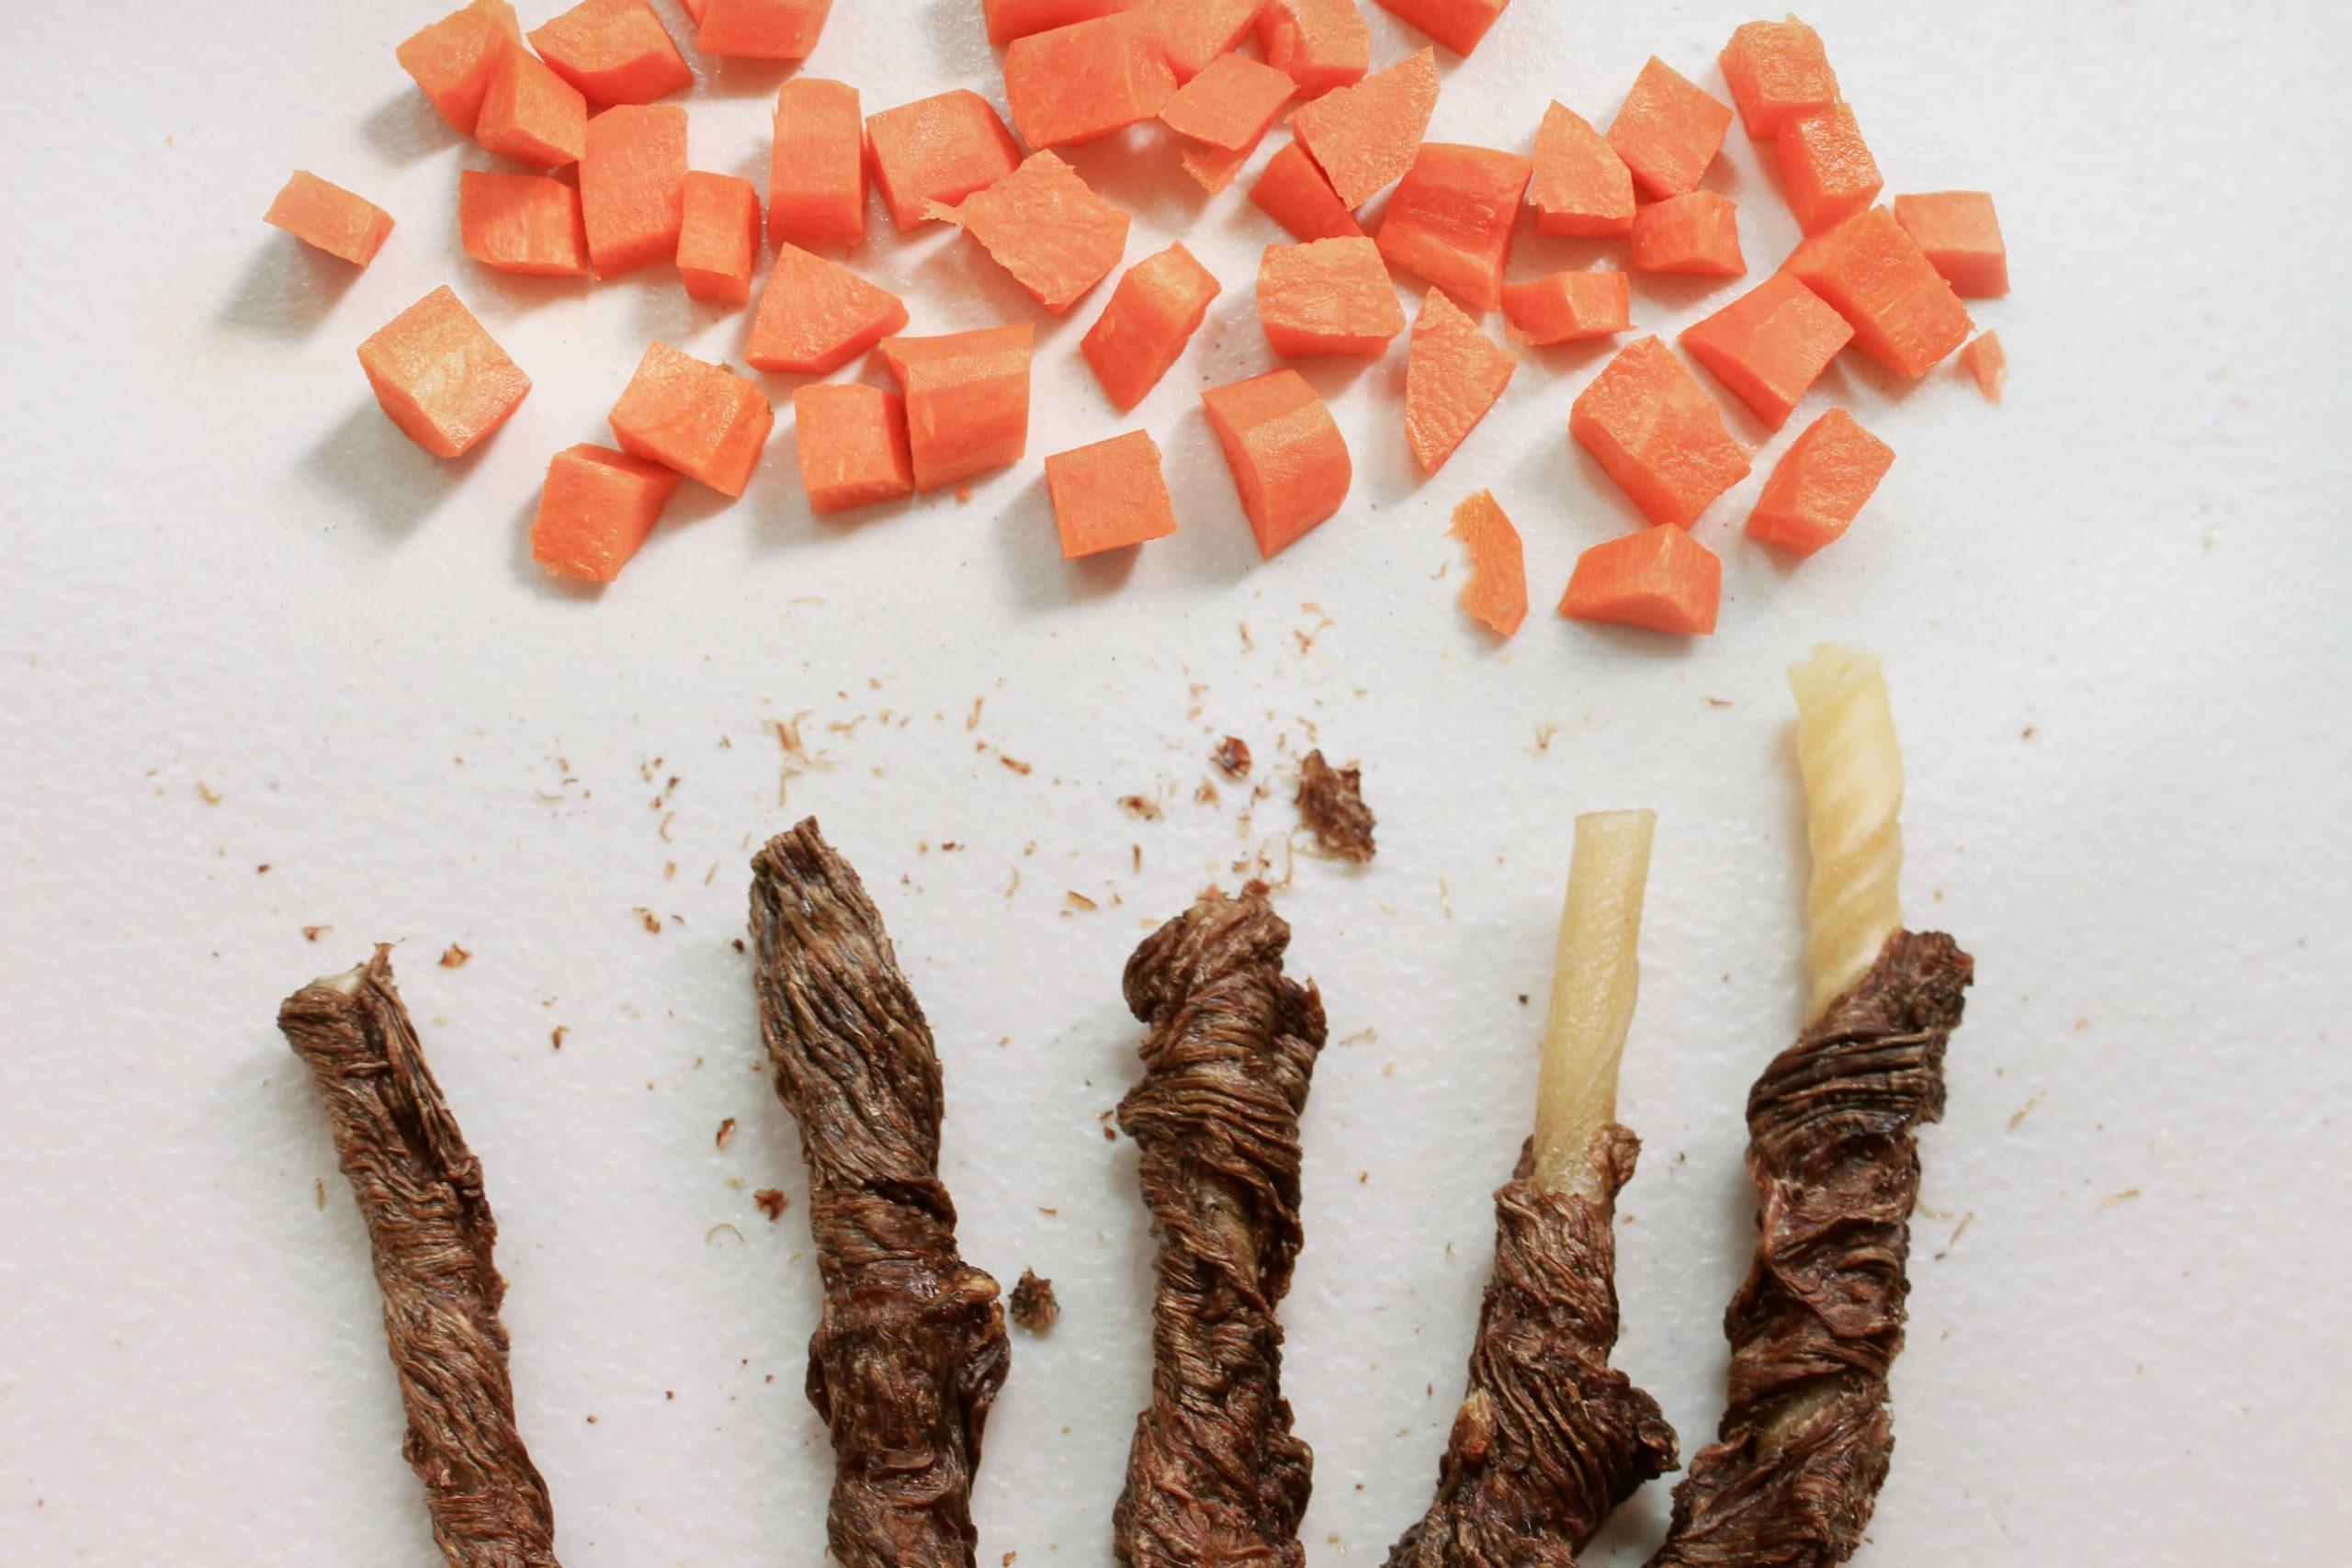 S3B2. 紅蘿蔔牛肉皮骨捲10支